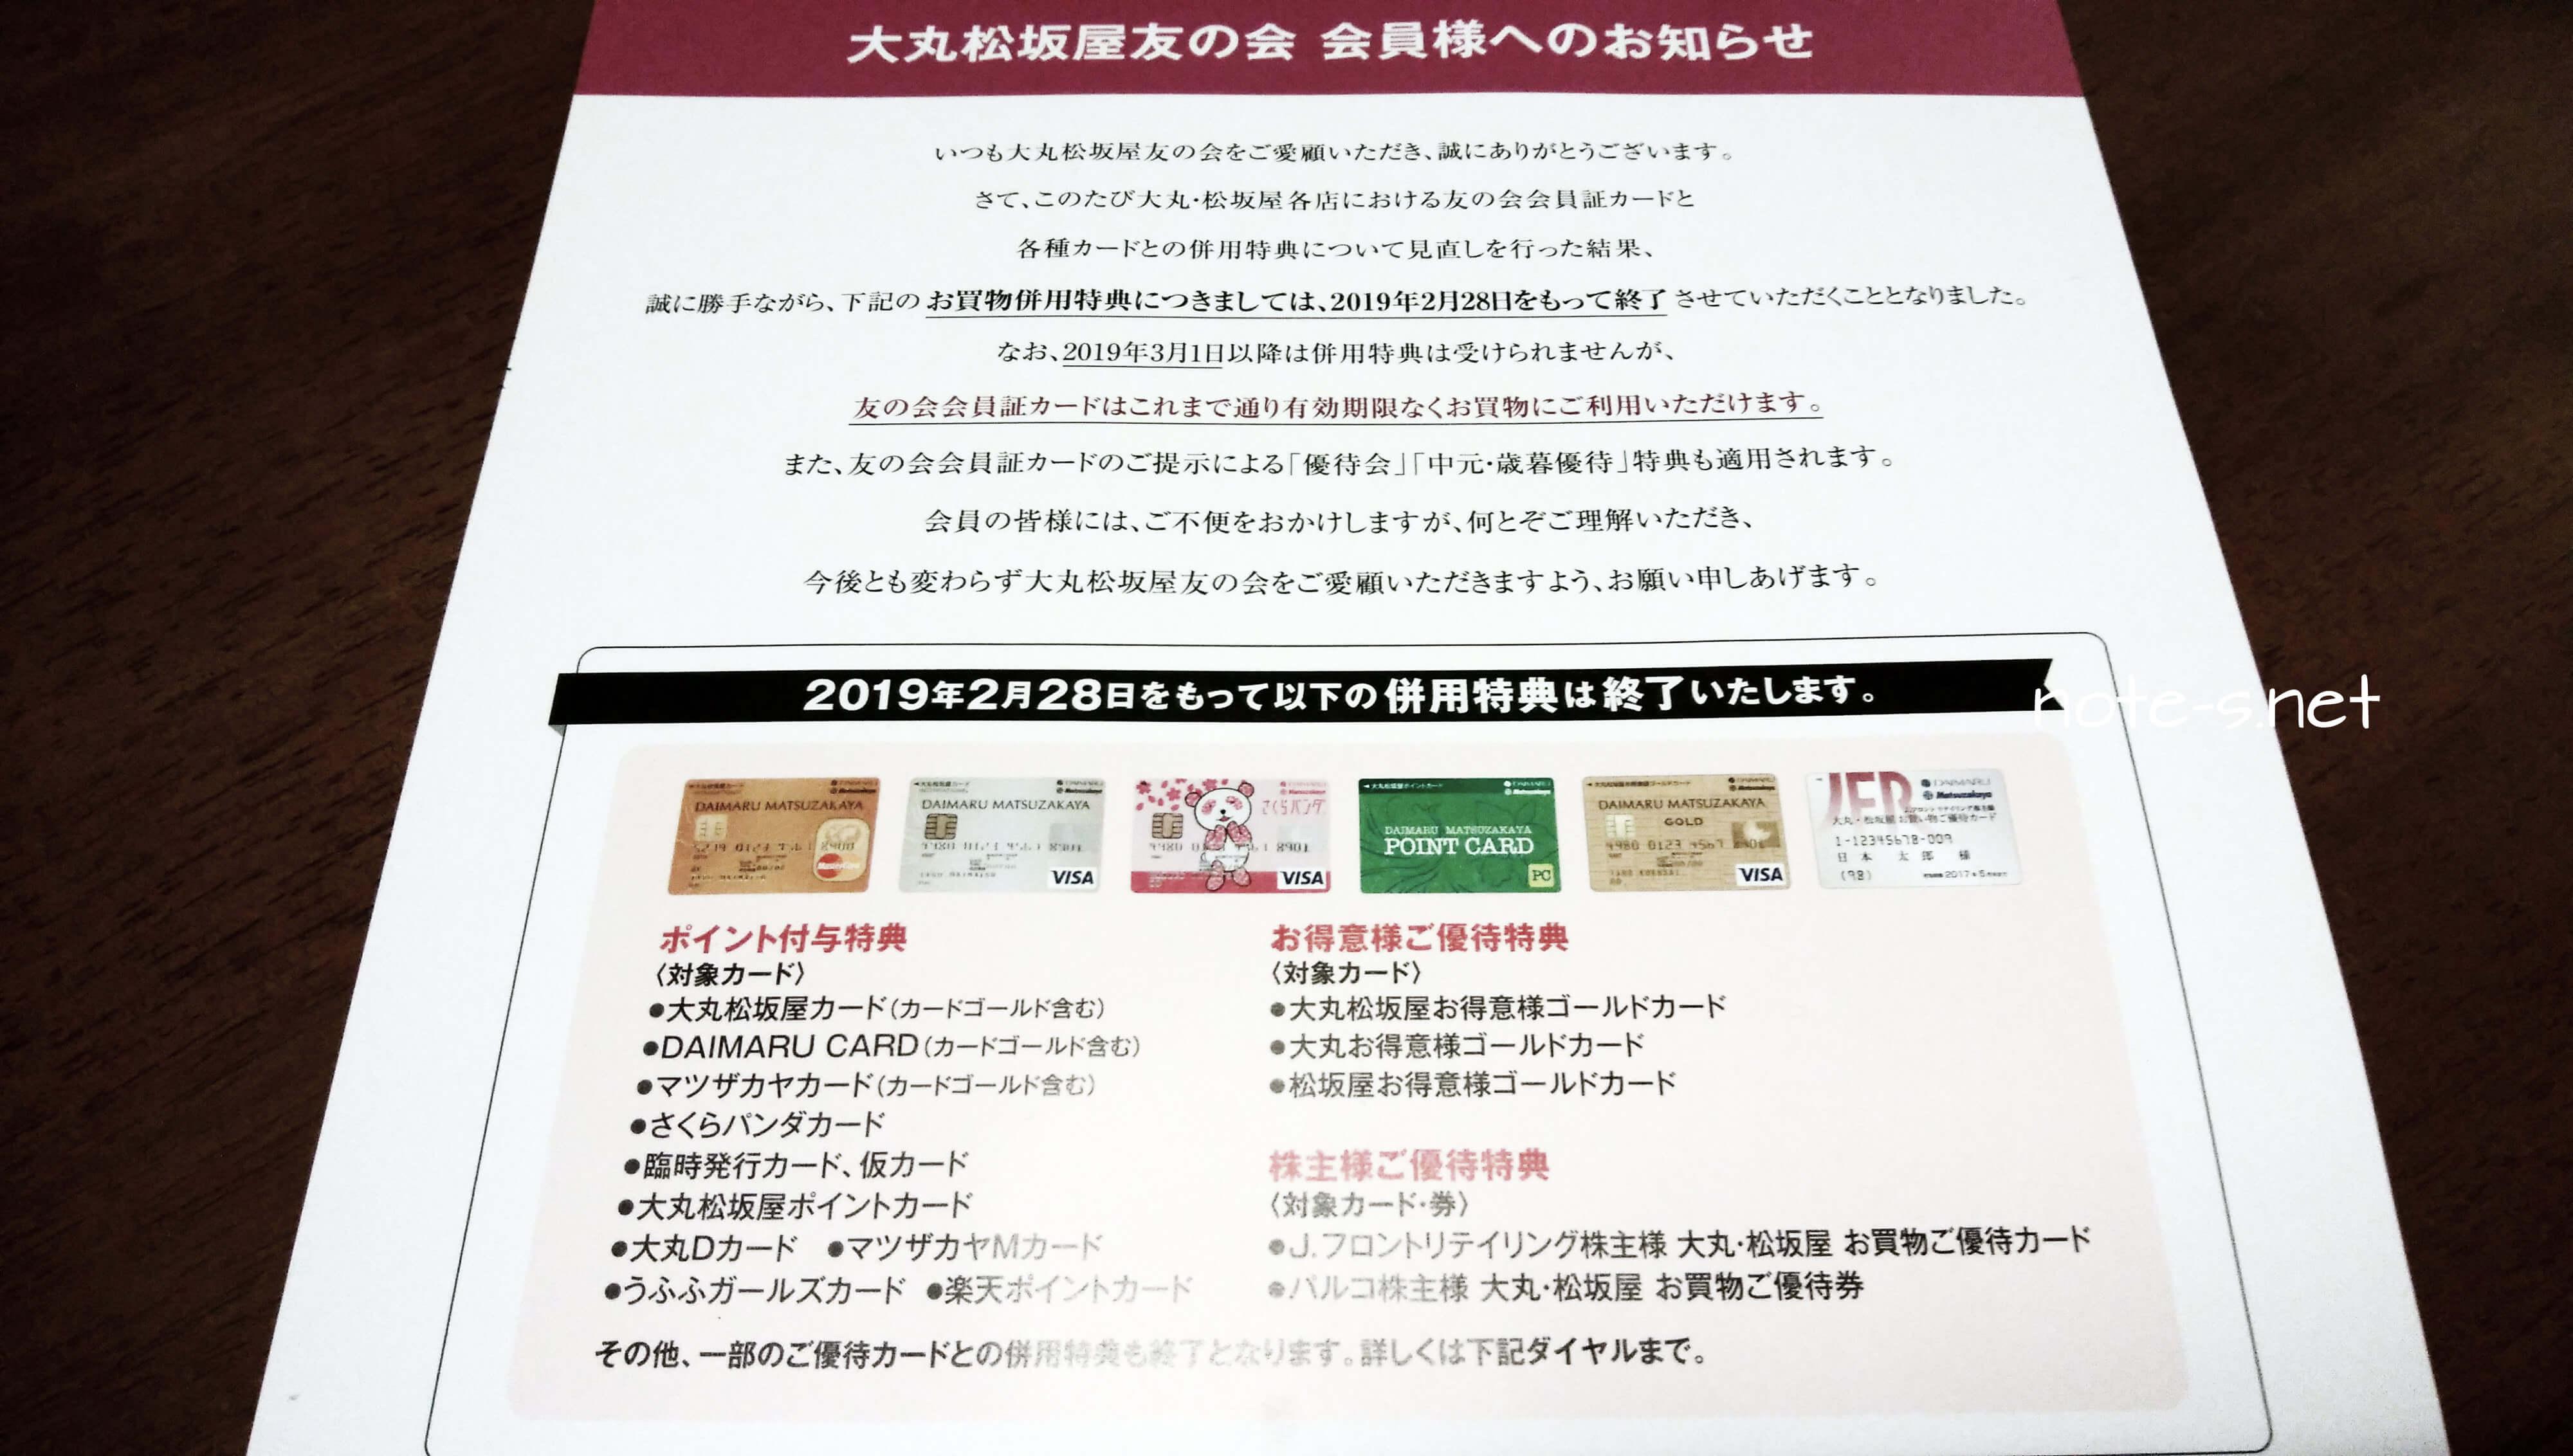 大丸松坂屋の株主優待が友の会とは併用不可に!かわりに生鮮食品で使える♪